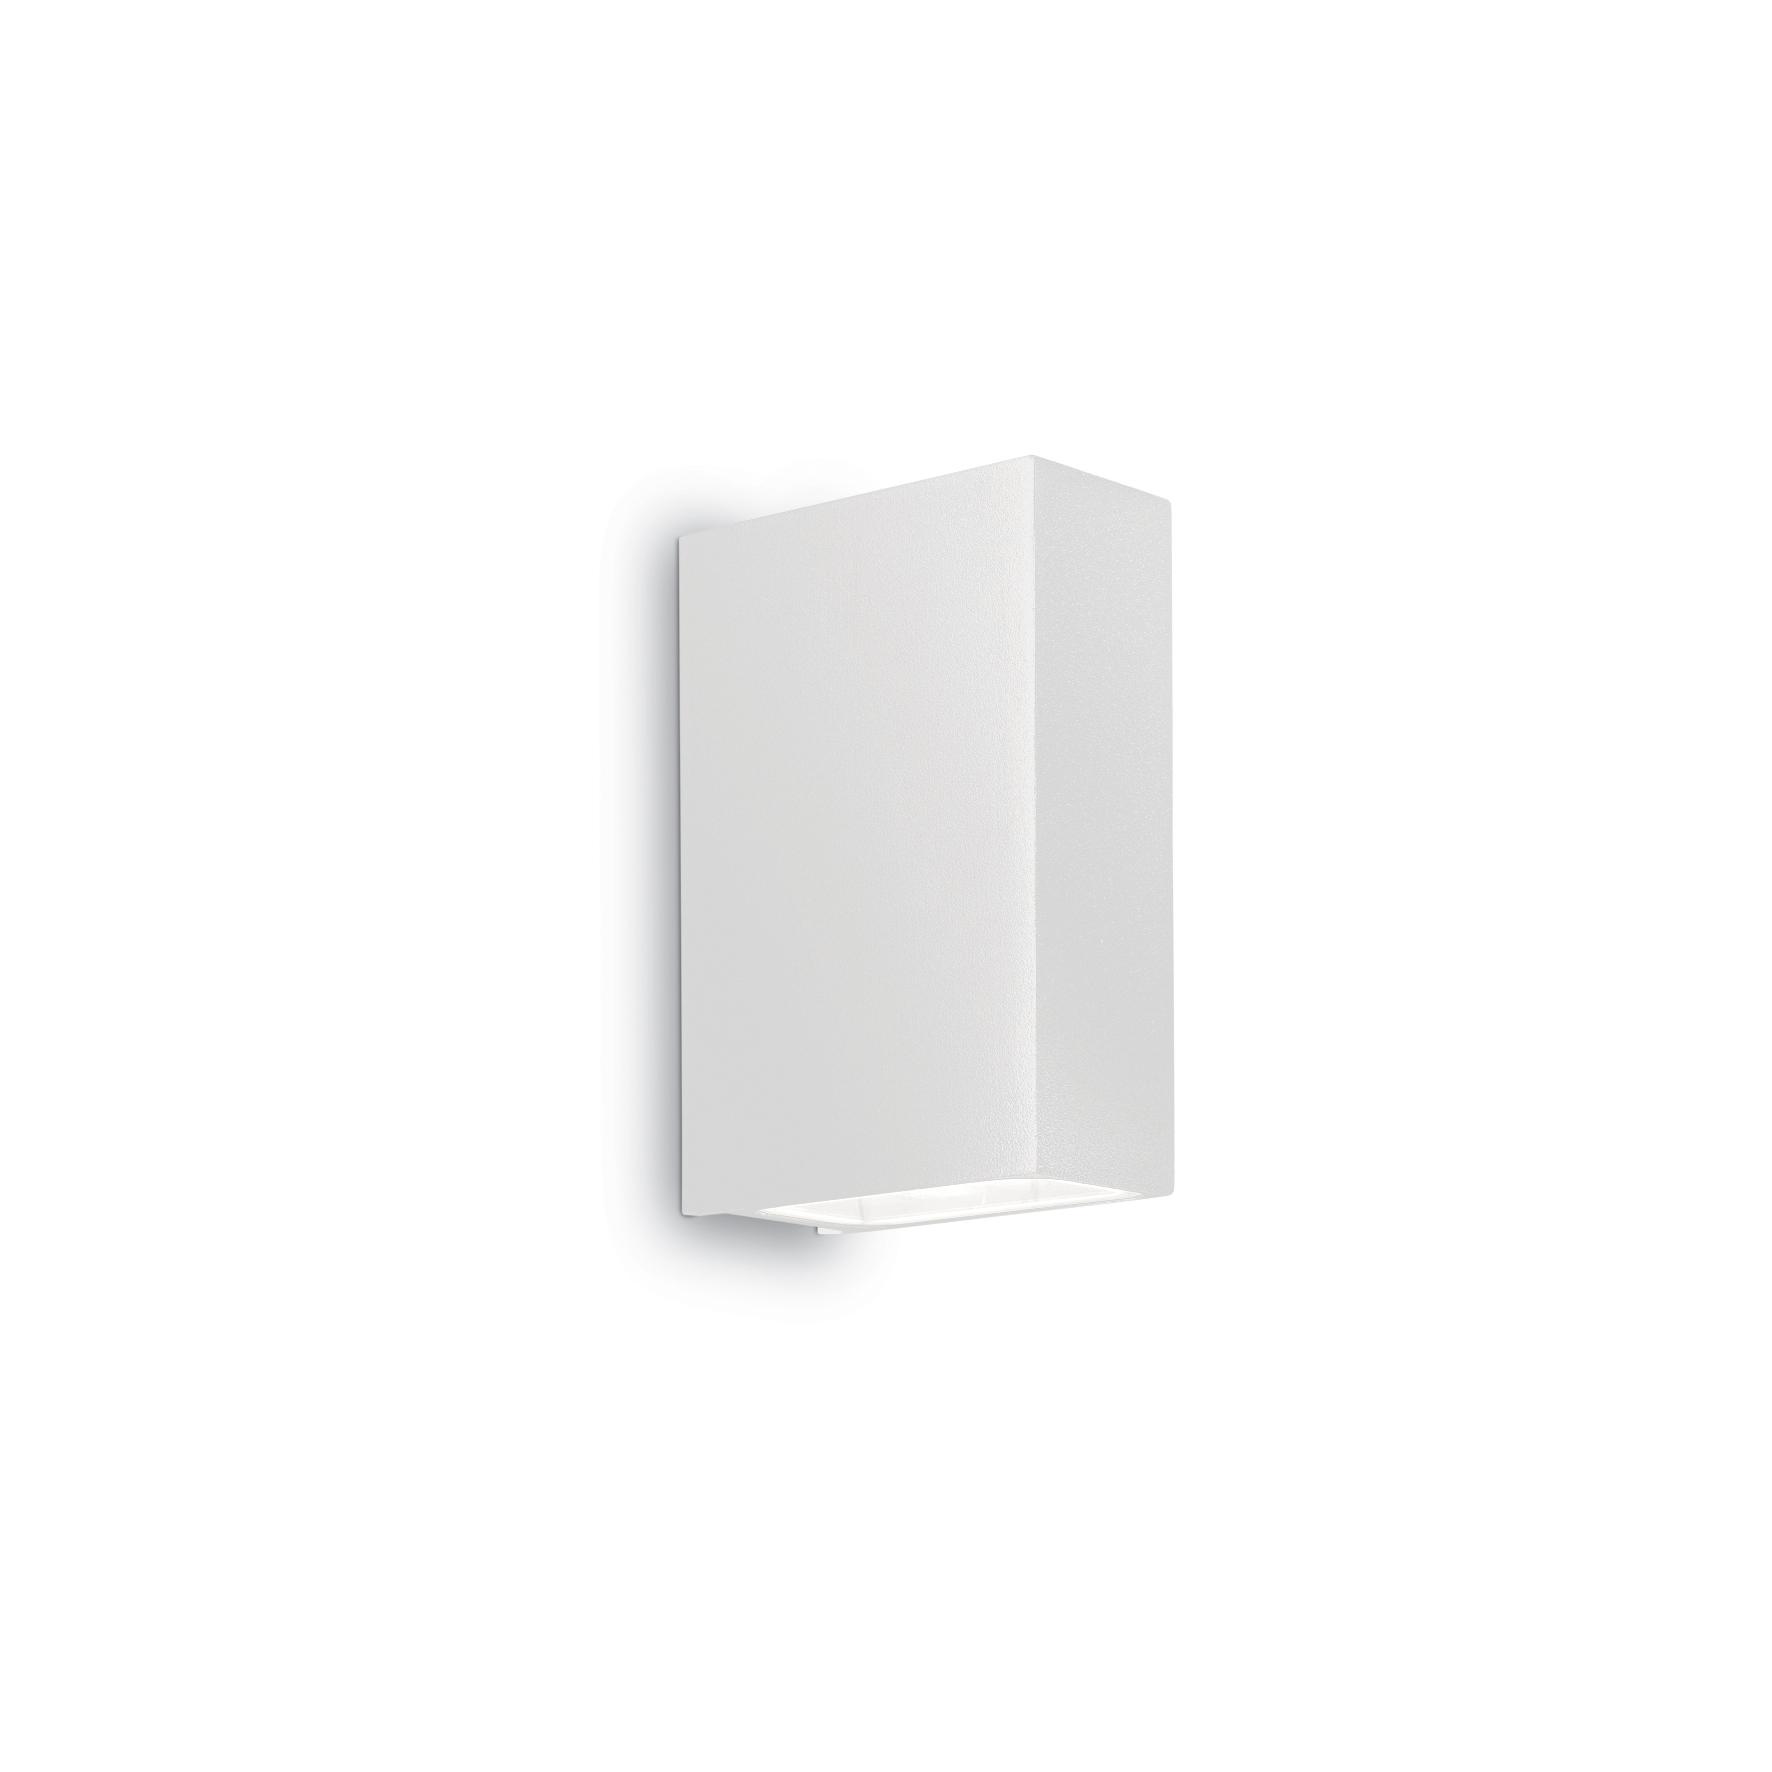 Aplica Tetris-2 AP2 White